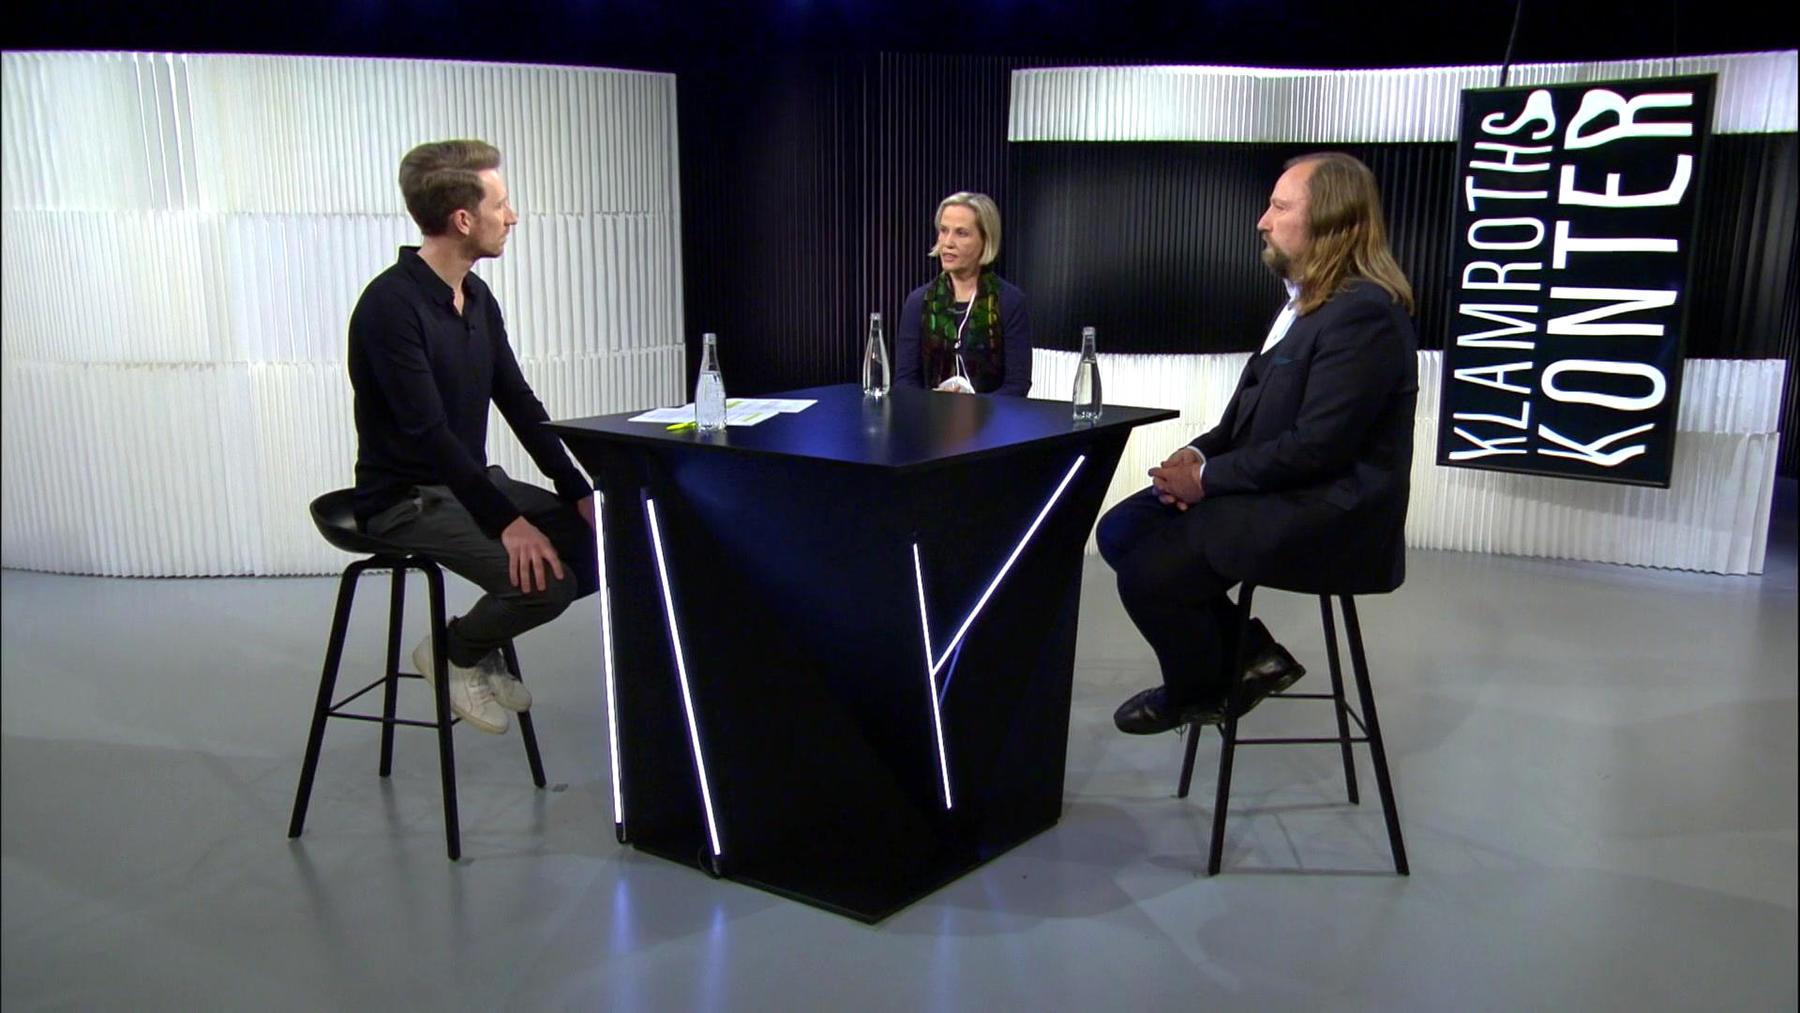 Zu Gast: Anton Hofreiter und Sibylle Katzenstein